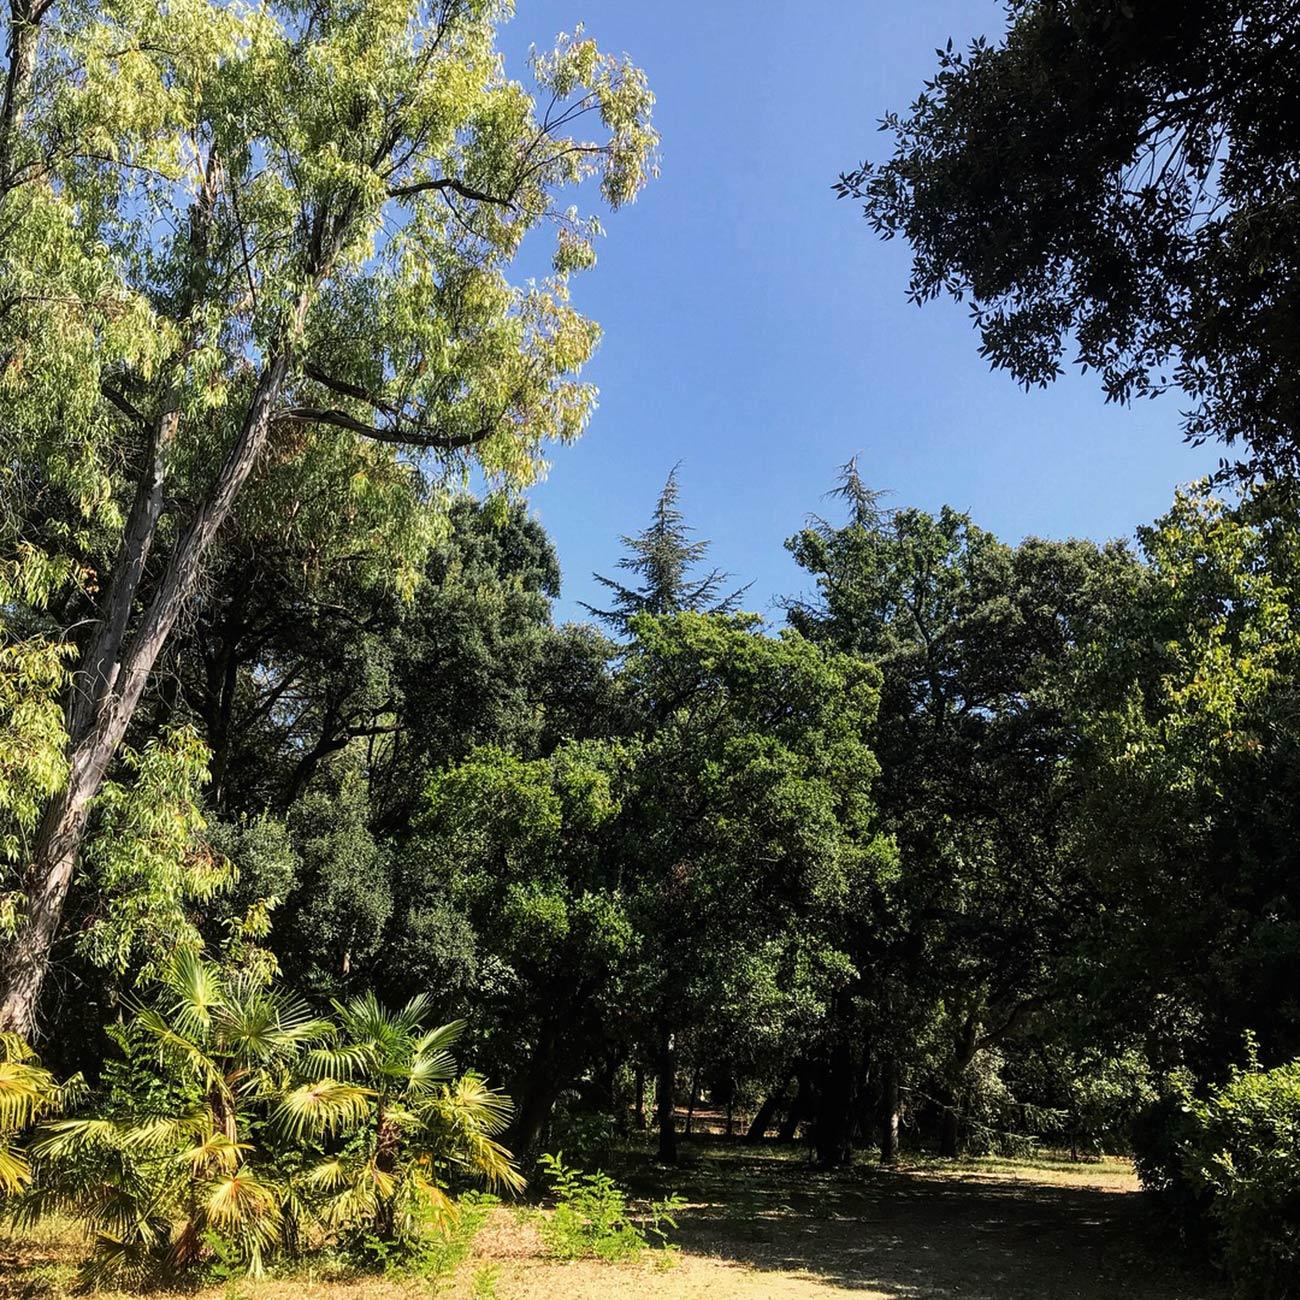 JARDINS DU CHATEAU DE FLAUGERGUES - Jardin paysage - Atelier Naudier -Architecte Paysagiste concepteur - Montpellier & Aix en Provence